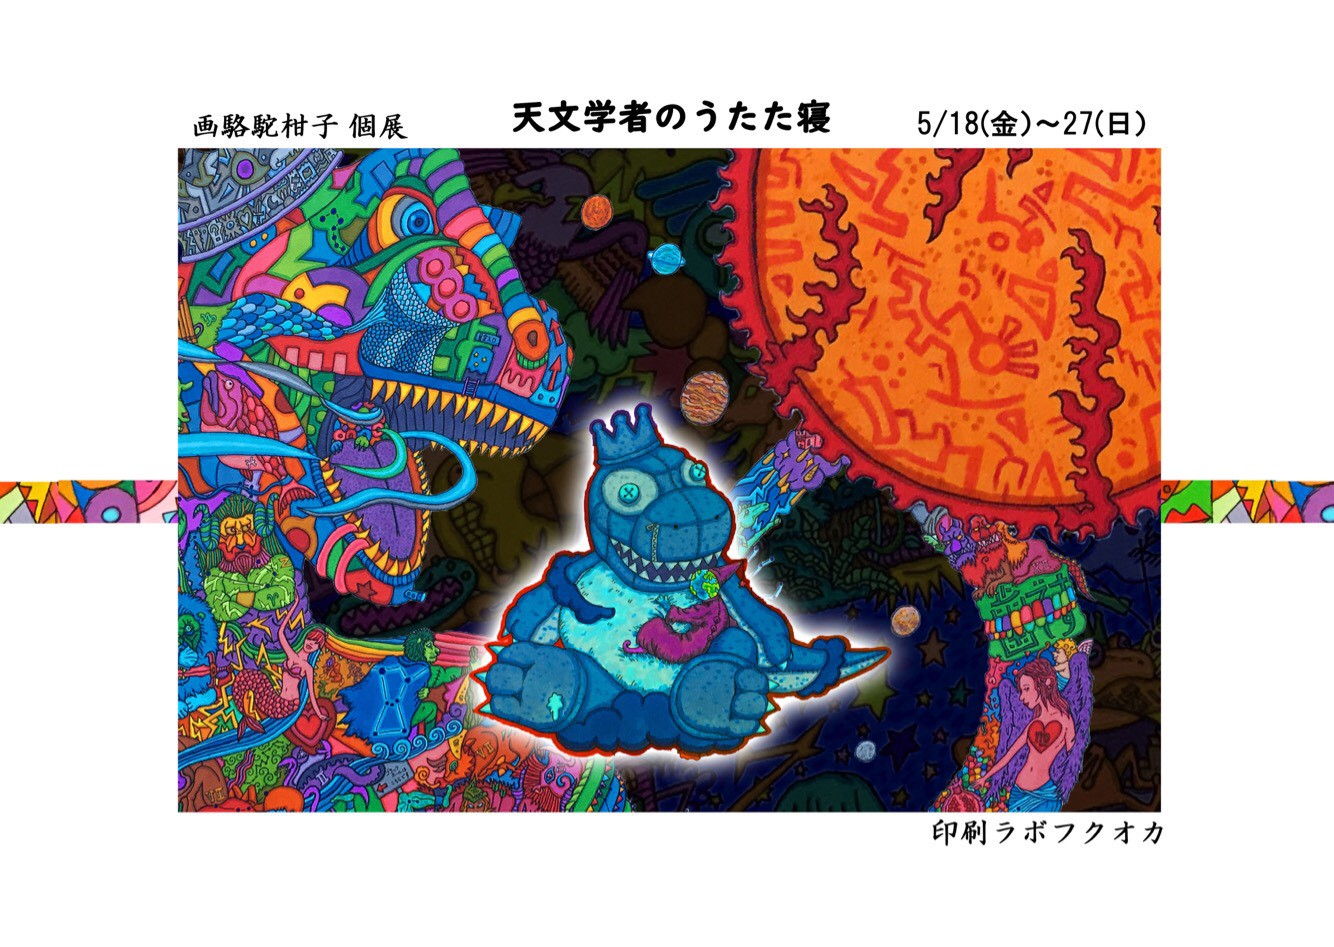 【入場無料】画駱駝柑子個展「天文学者のうたた寝」5月18日(金)より